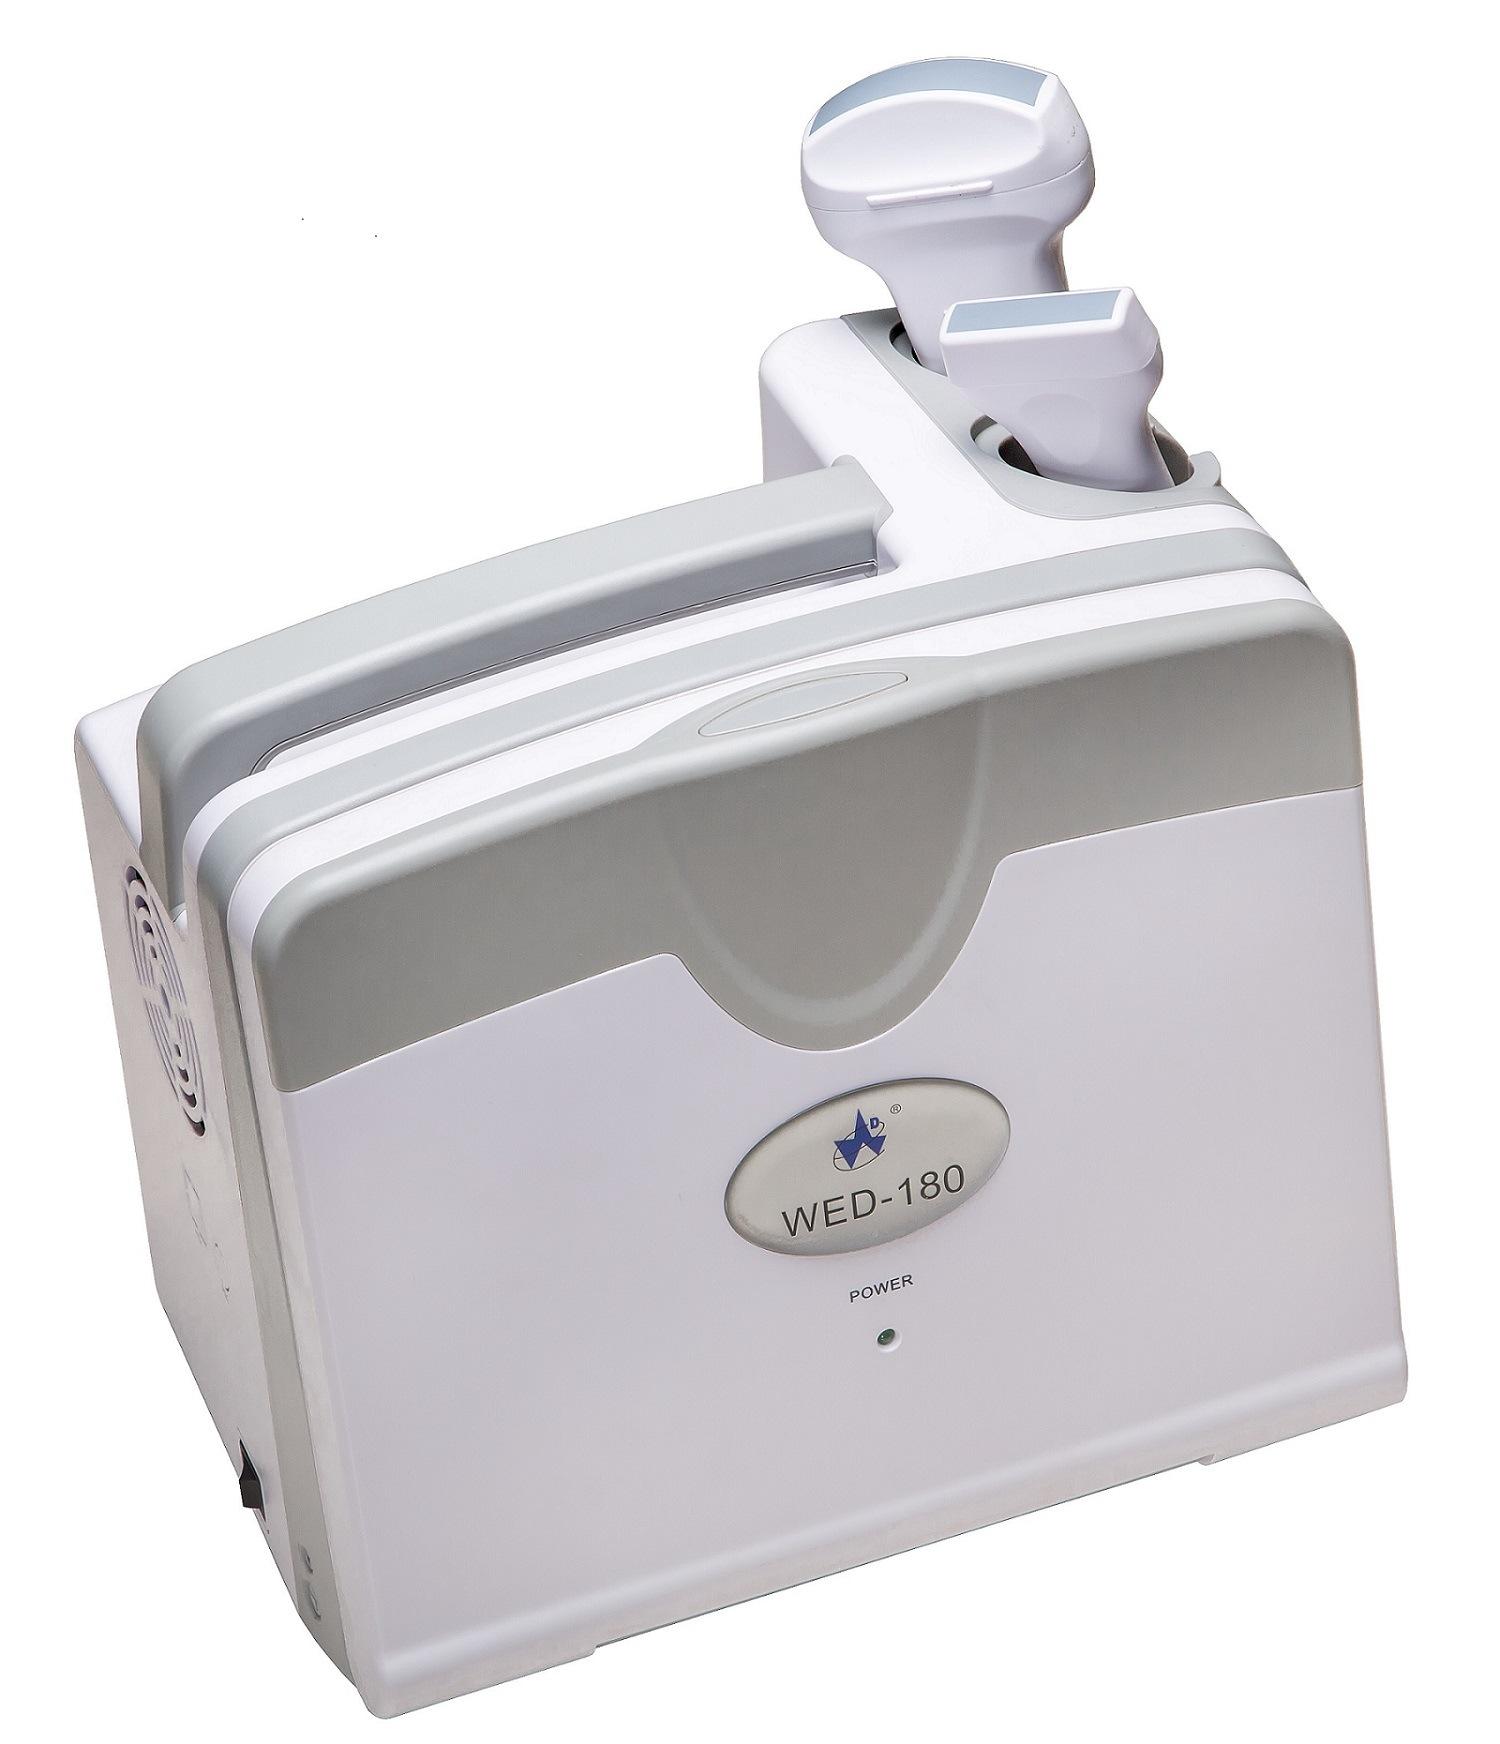 Full Digital Ultrasound Diagnostic System (WED-180)